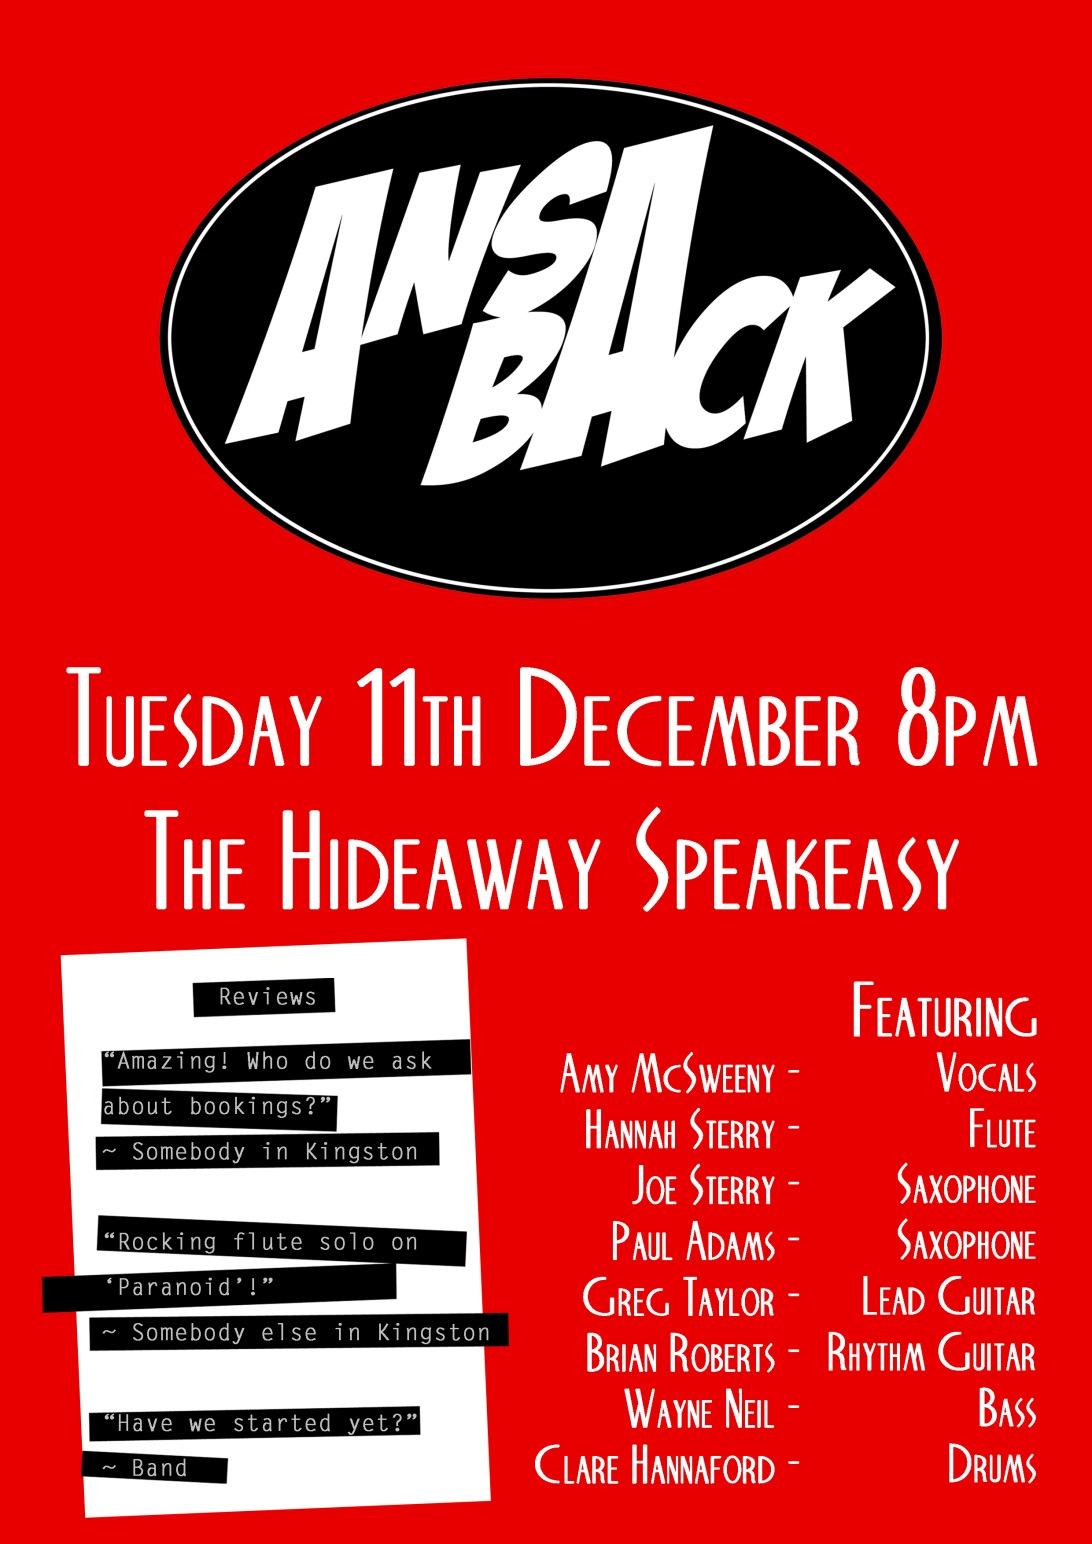 AnsaBack Poster